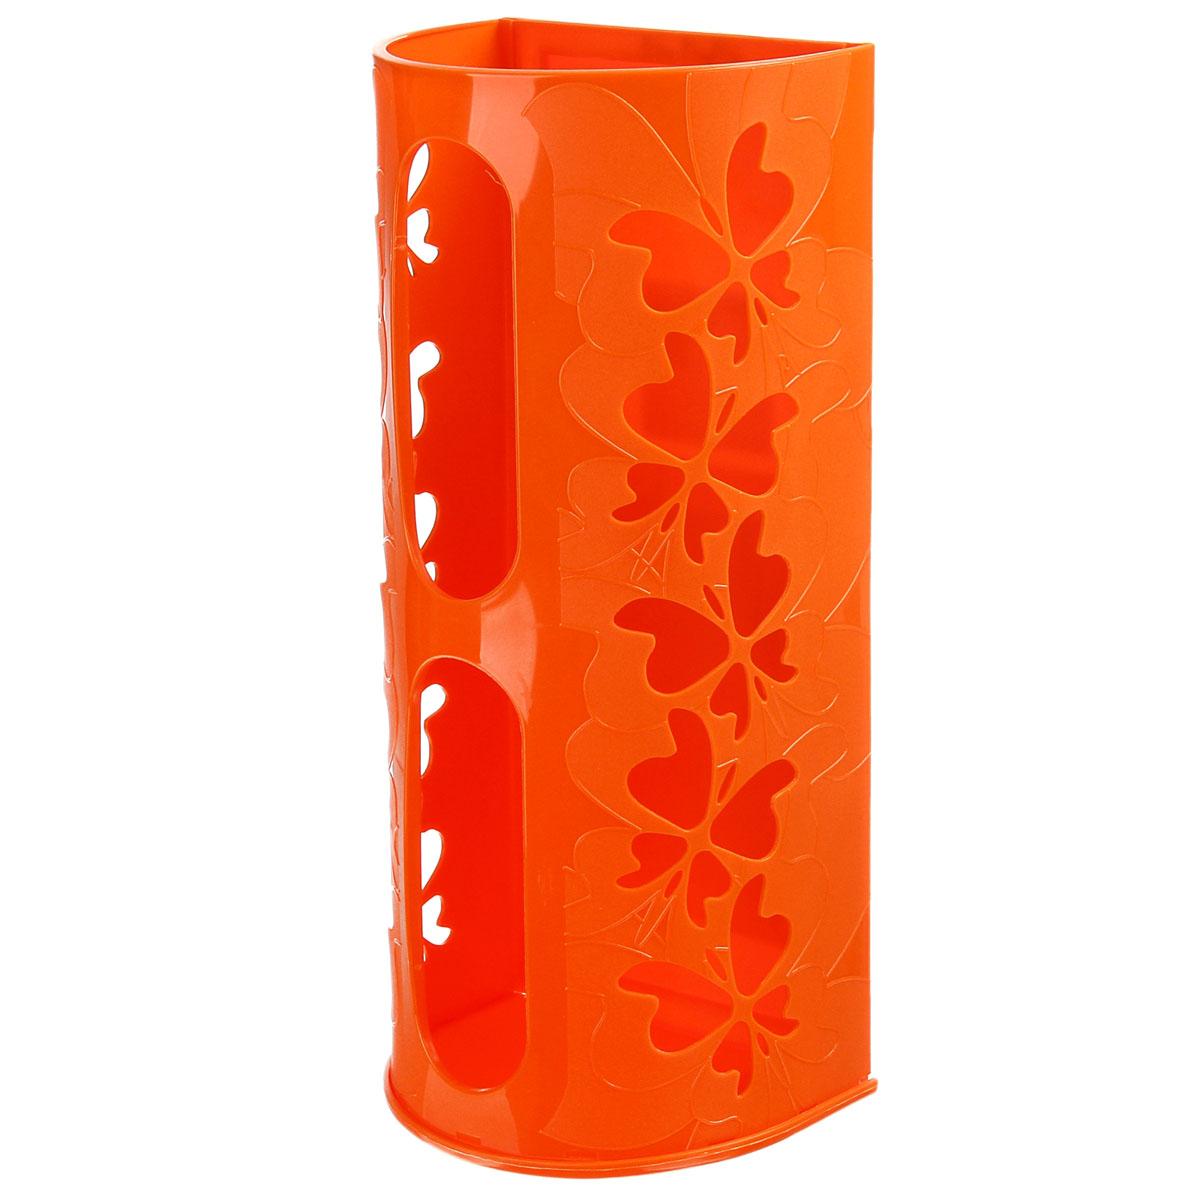 Корзина для пакетов Berossi Fly, цвет: оранжевый74-0120Корзина для пакетов Berossi Fly, изготовлена из высококачественного пластика. Эта практичная корзина наведет порядок в кладовке или кухонном шкафу и позволит хранить пластиковые пакеты или хозяйственные сумочки во всегда доступном месте! Изделие декорировано резным изображением бабочек. Корзина просто подвешивается на дверь шкафчика изнутри или снаружи, в зависимости от назначения. Корзина для пакетов Berossi Fly будет замечательным подарком для поддержания чистоты и порядка. Она сэкономит место, гармонично впишется в интерьер и будет радовать вас уникальным дизайном.